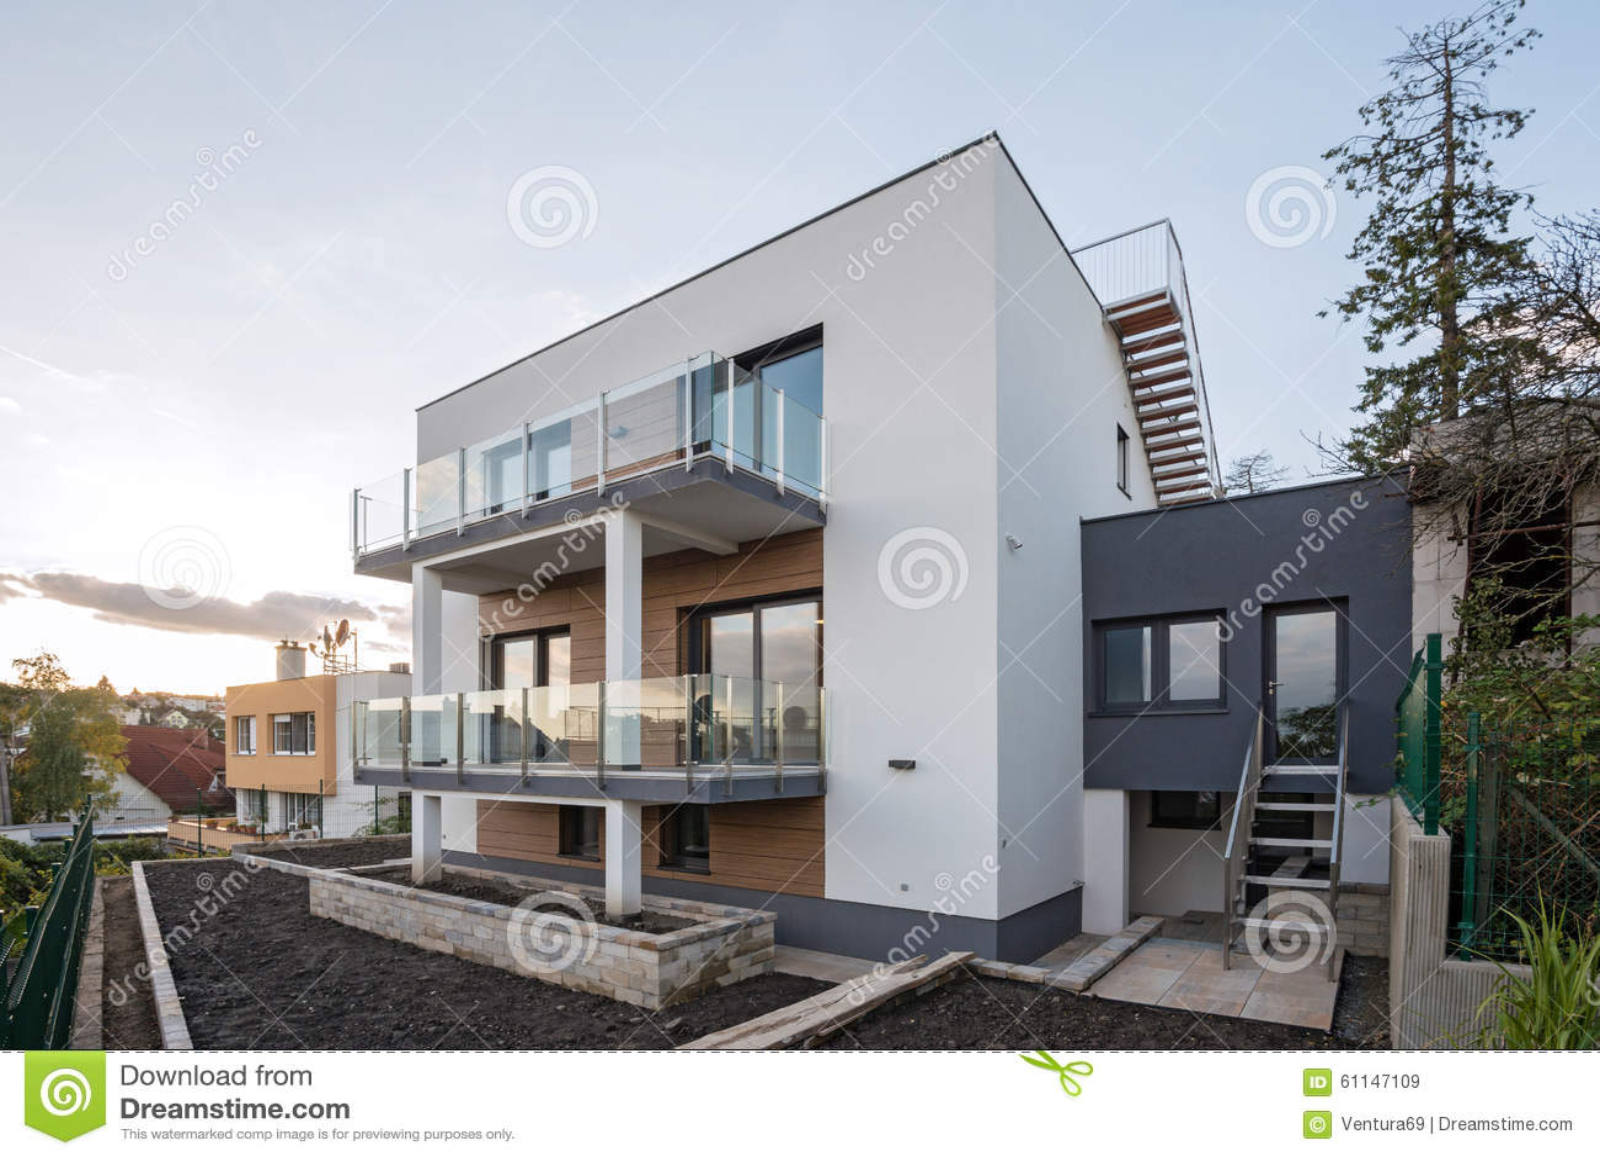 Extérieur Contemporain De Maison Image stock - Image du construit ...